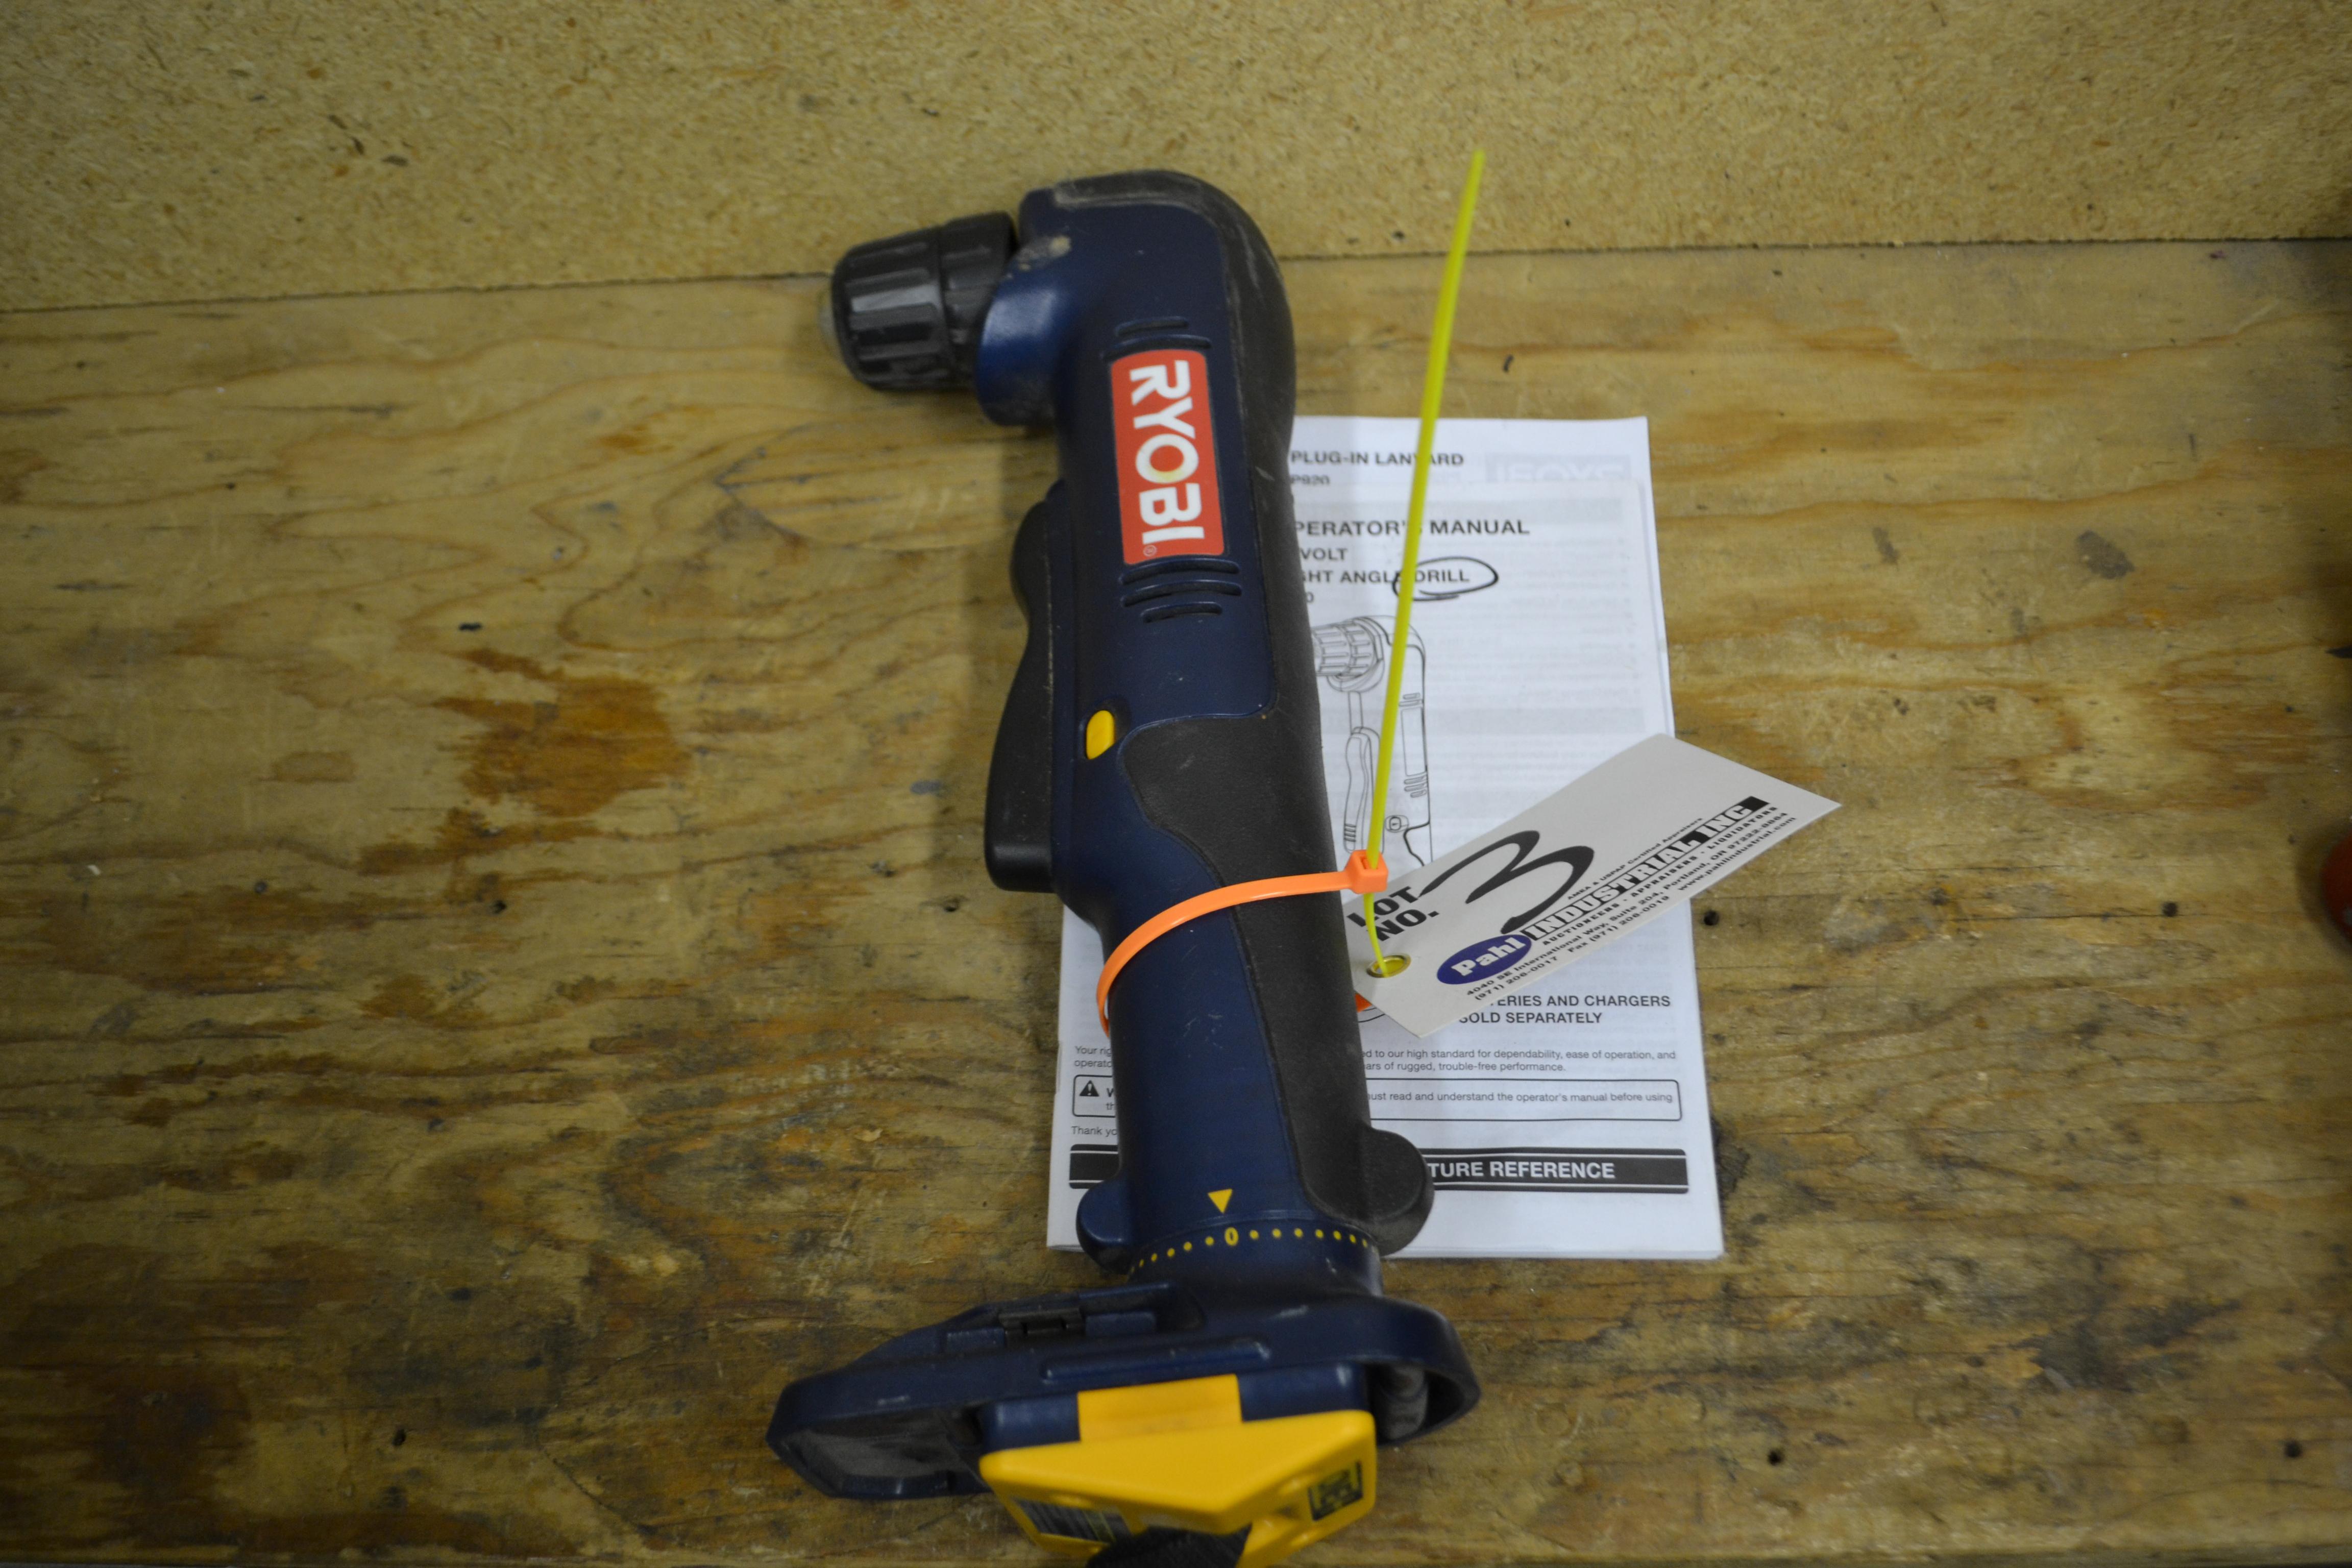 Ryobi P240 Right Angle Drill Cordless 18V with Battery